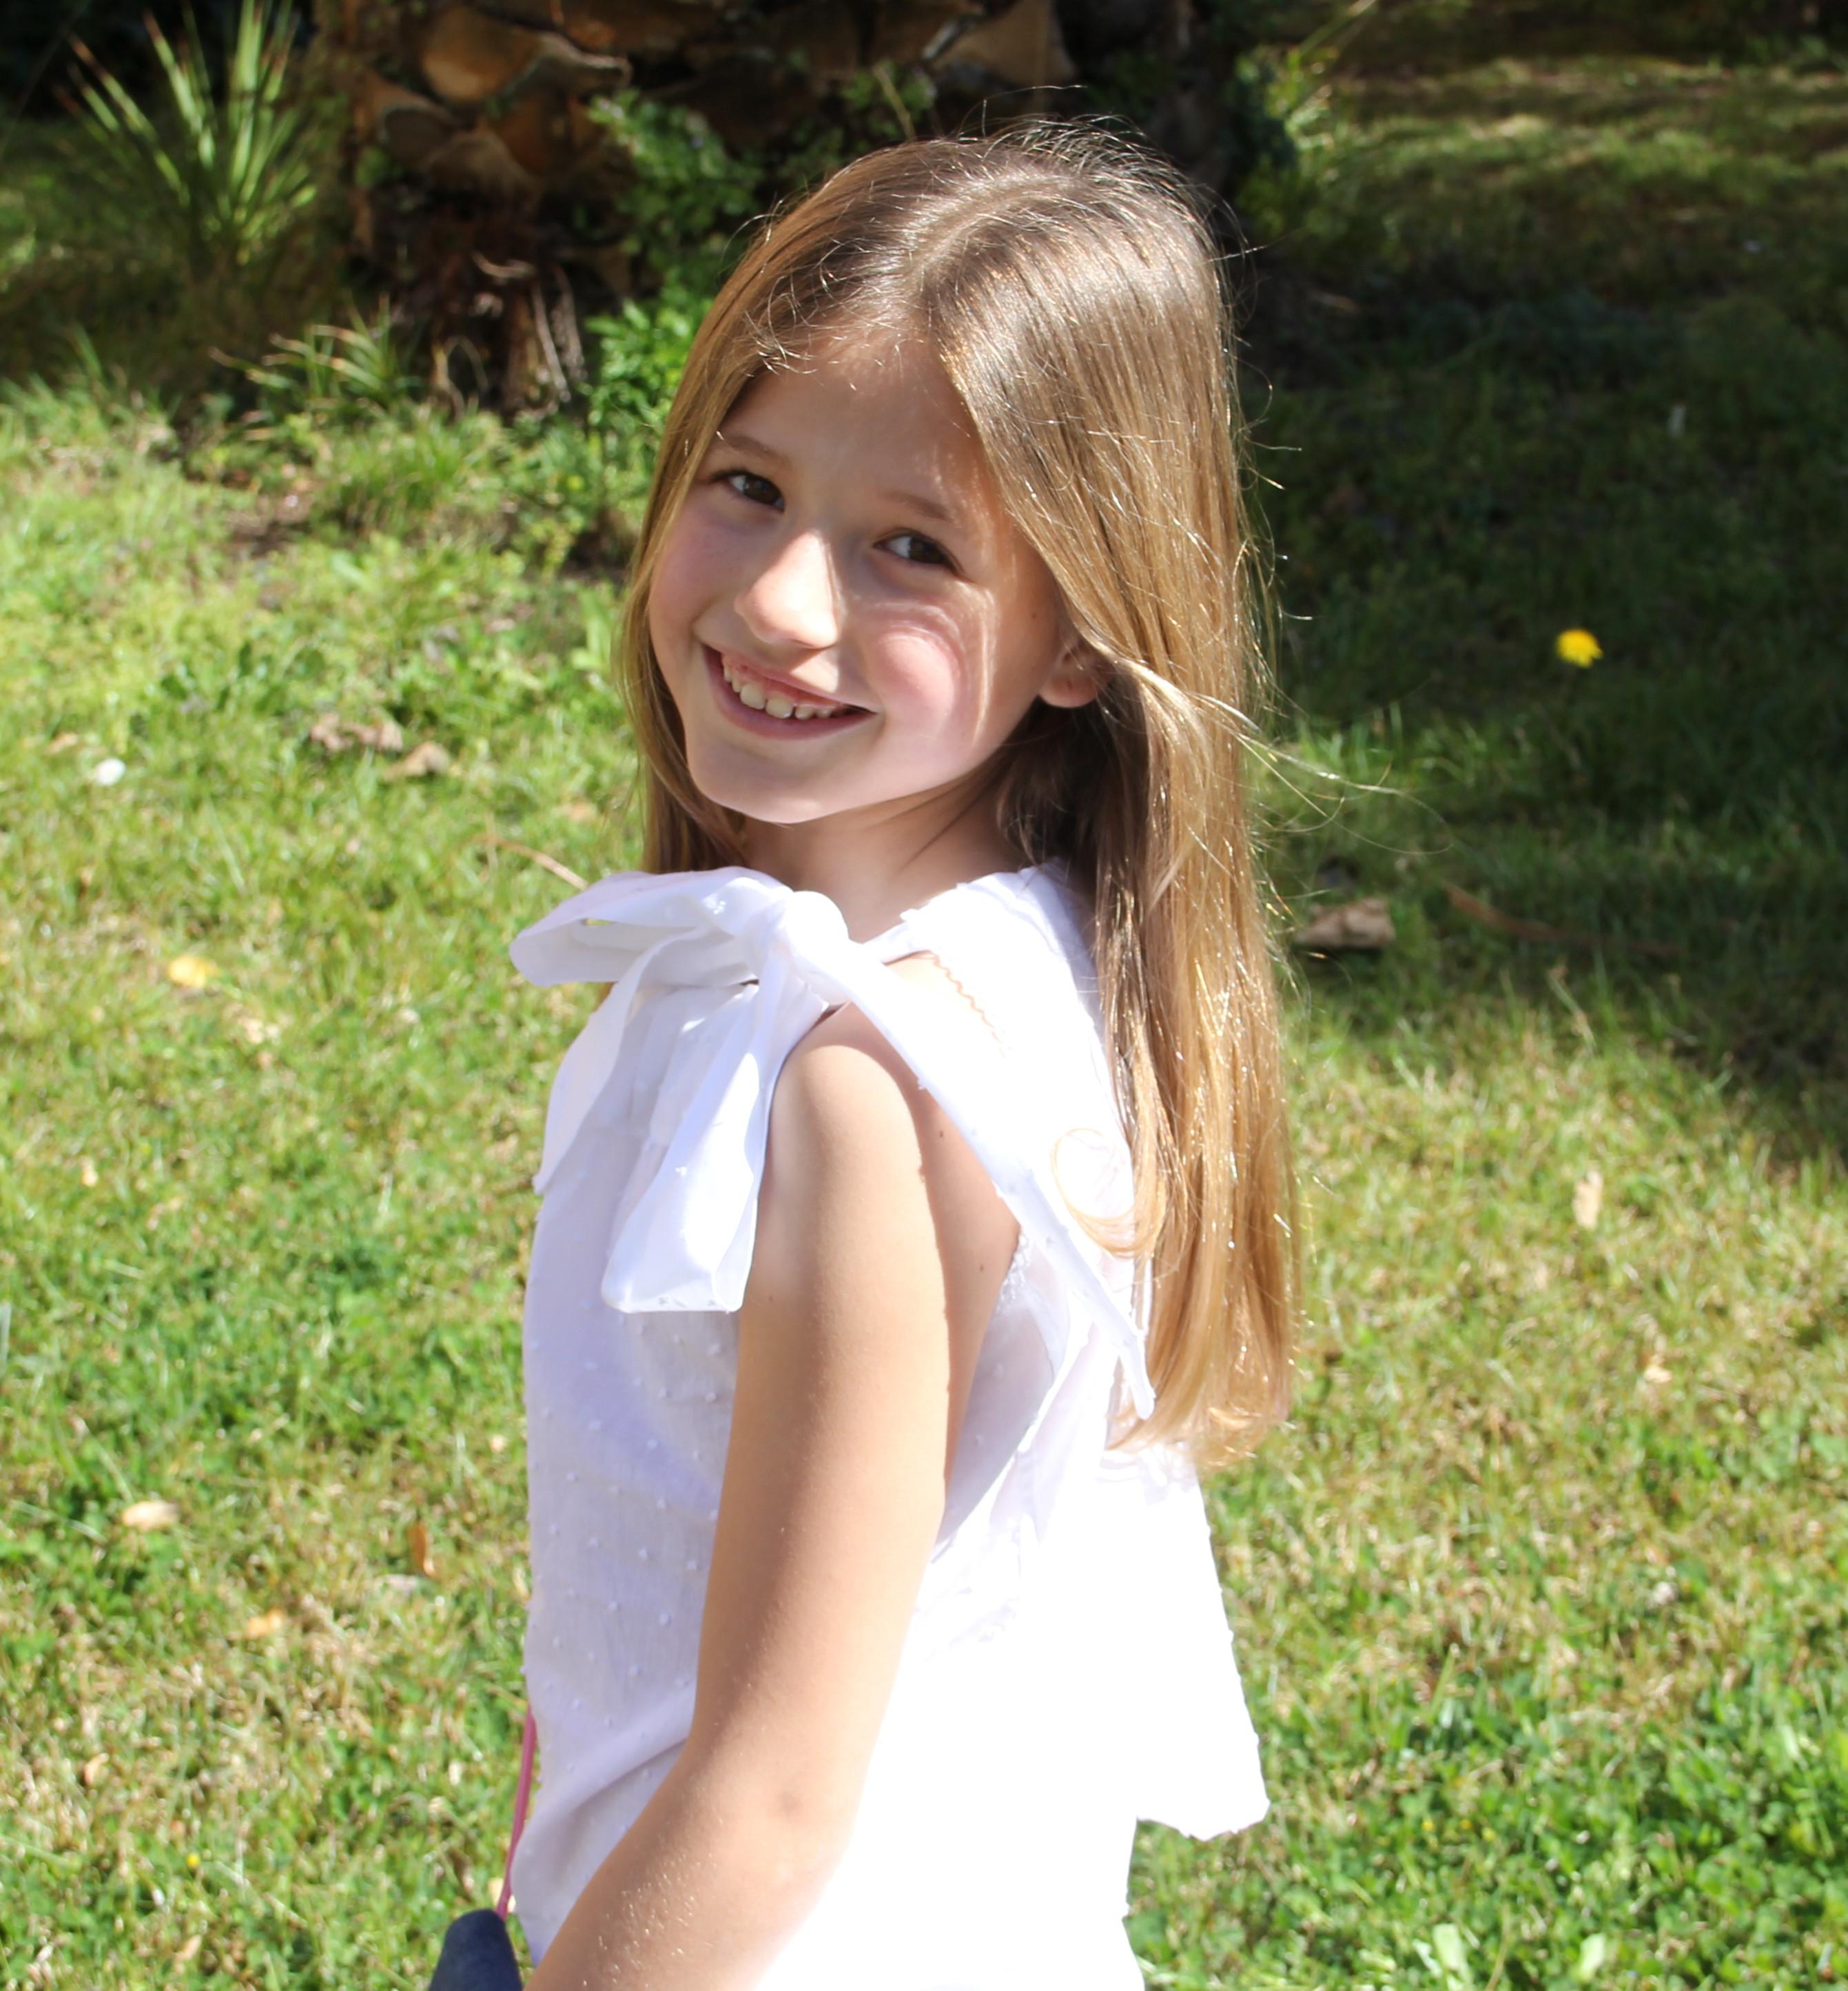 blusa de plumeti blanco niña, top de plumeti niña, short blanco niña, bermudas blancas niña (5)